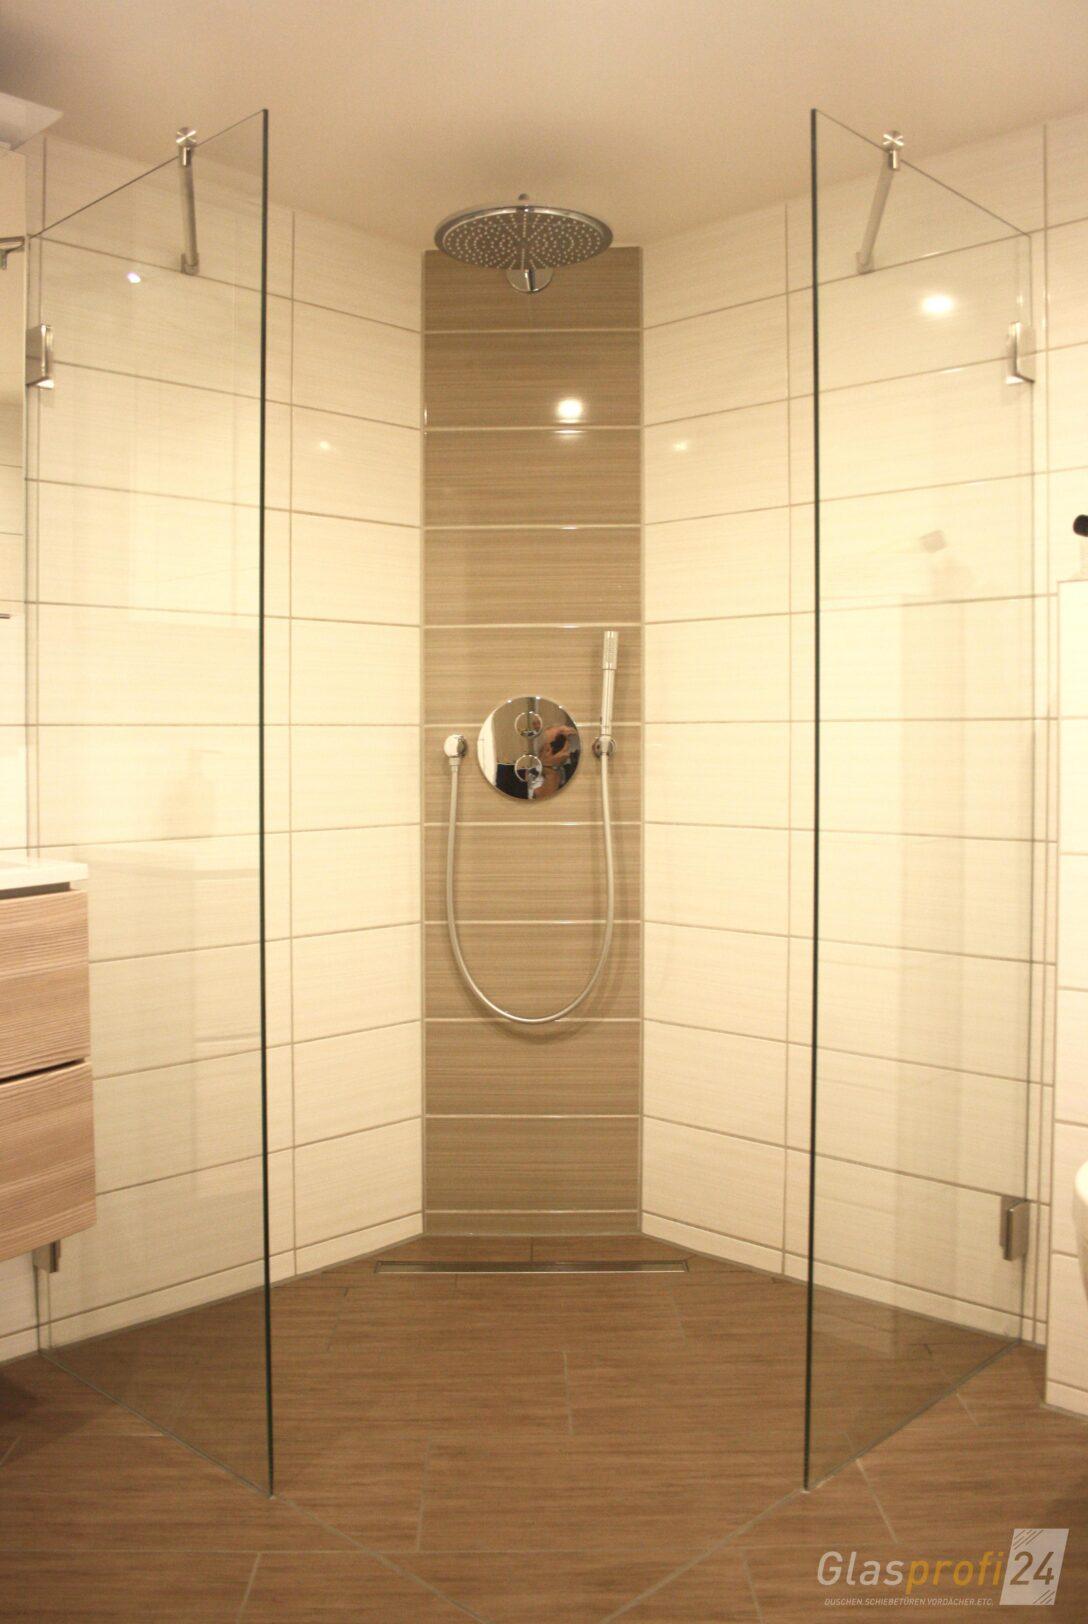 Large Size of Walk In Dusche Duschwand Glasprofi24 Begehbare Duschen Sprinz Hsk Fliesen Hüppe Kaufen Schulte Breuer Werksverkauf Moderne Bodengleiche Ohne Tür Dusche Begehbare Duschen